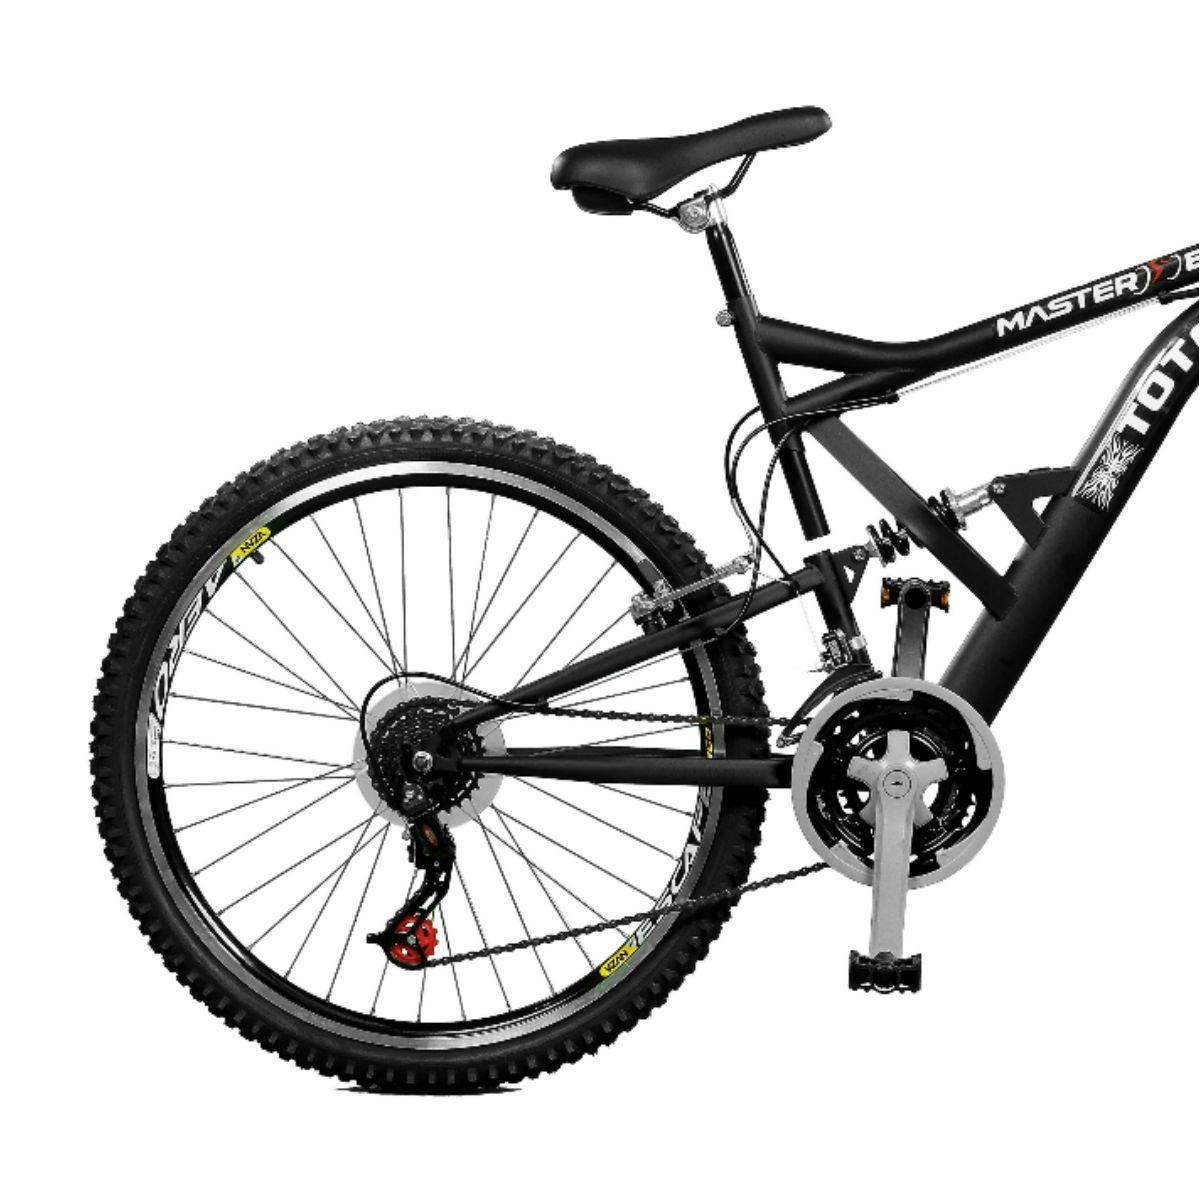 Bicicleta Master Bike Aro 26 Totem Suspensão Full Dupla Alta A-36 Preto